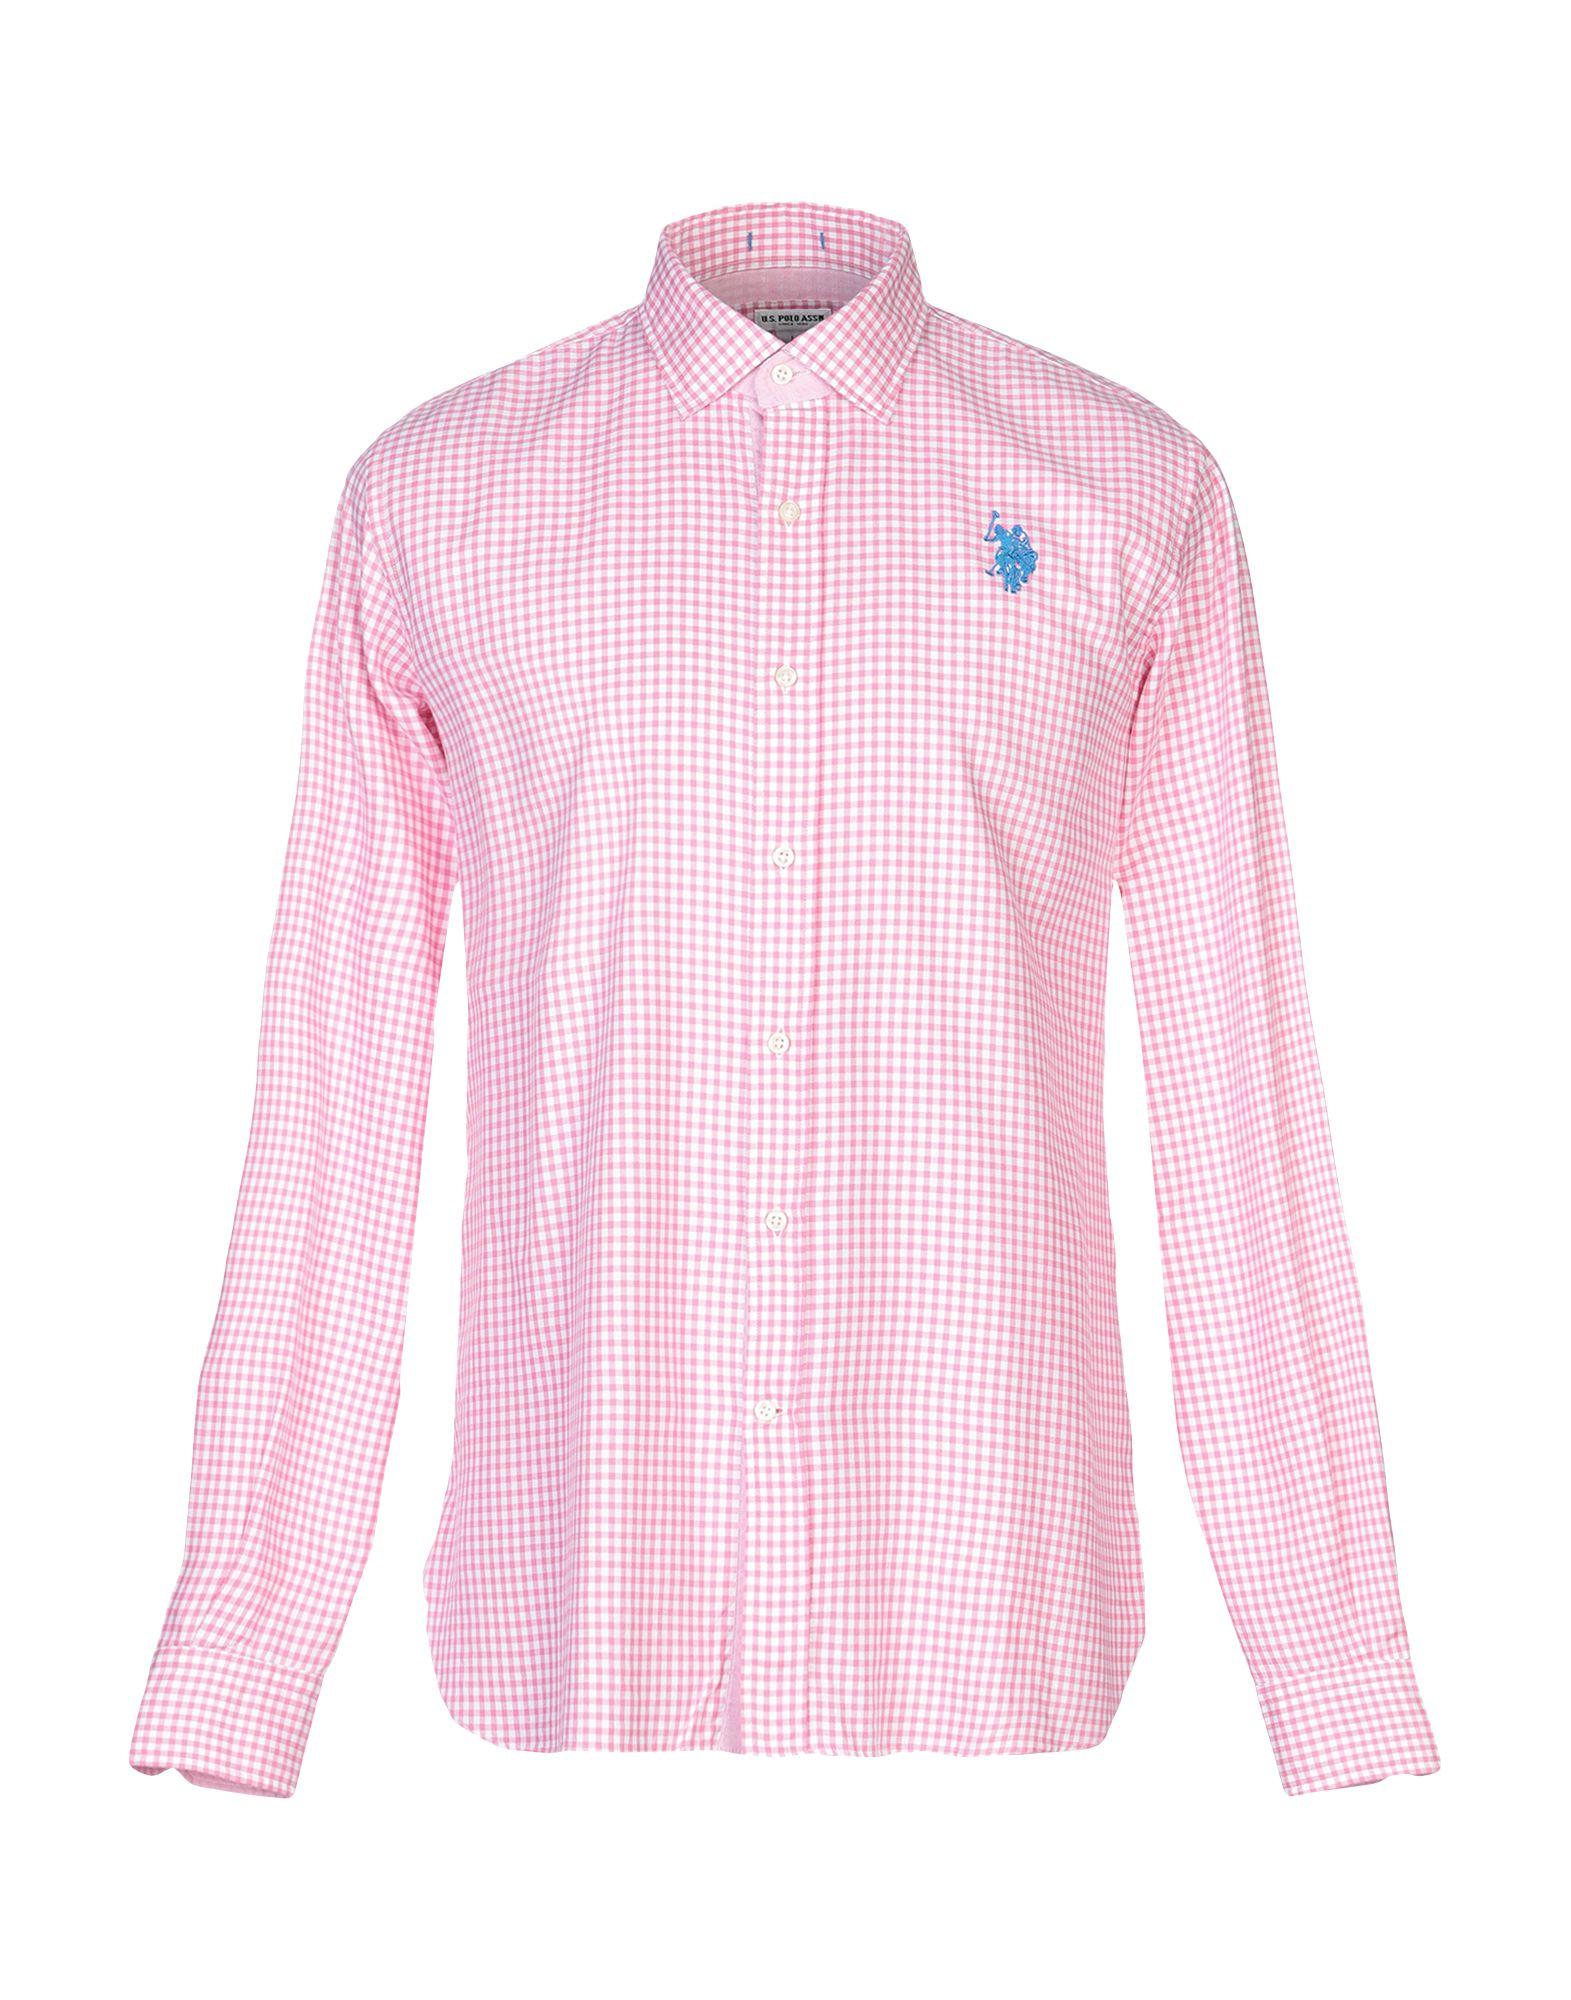 《送料無料》U.S.POLO ASSN. メンズ シャツ ピンク L コットン 100%